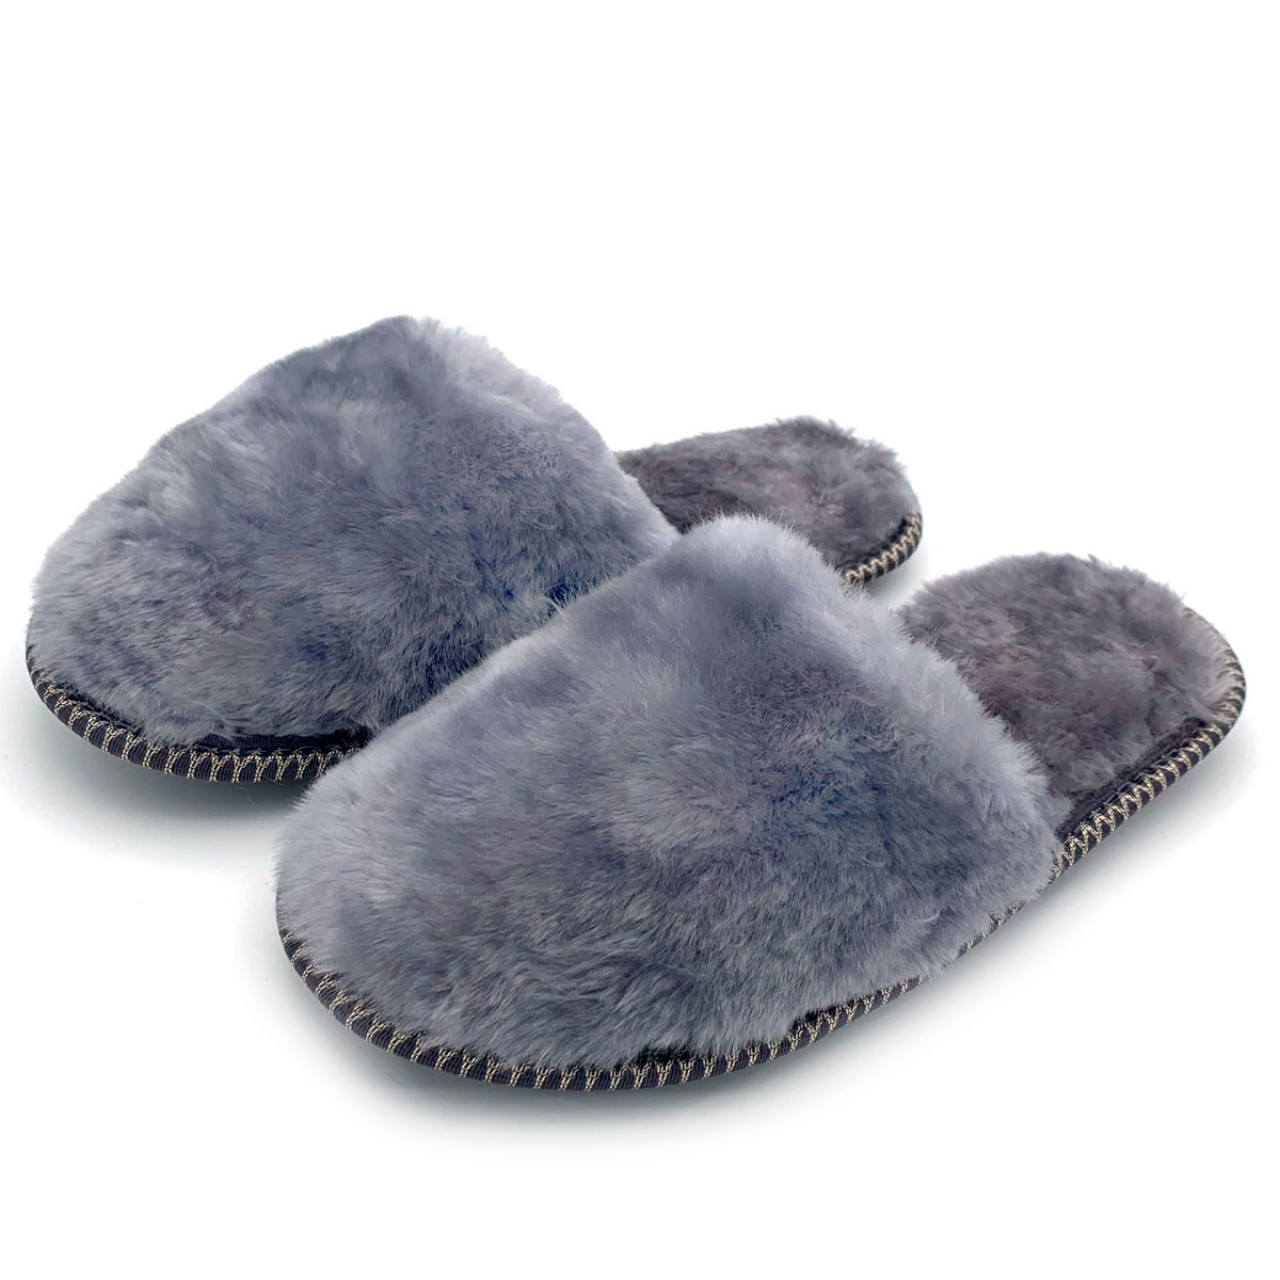 Тапочки из овчины серые на резиновой подошве